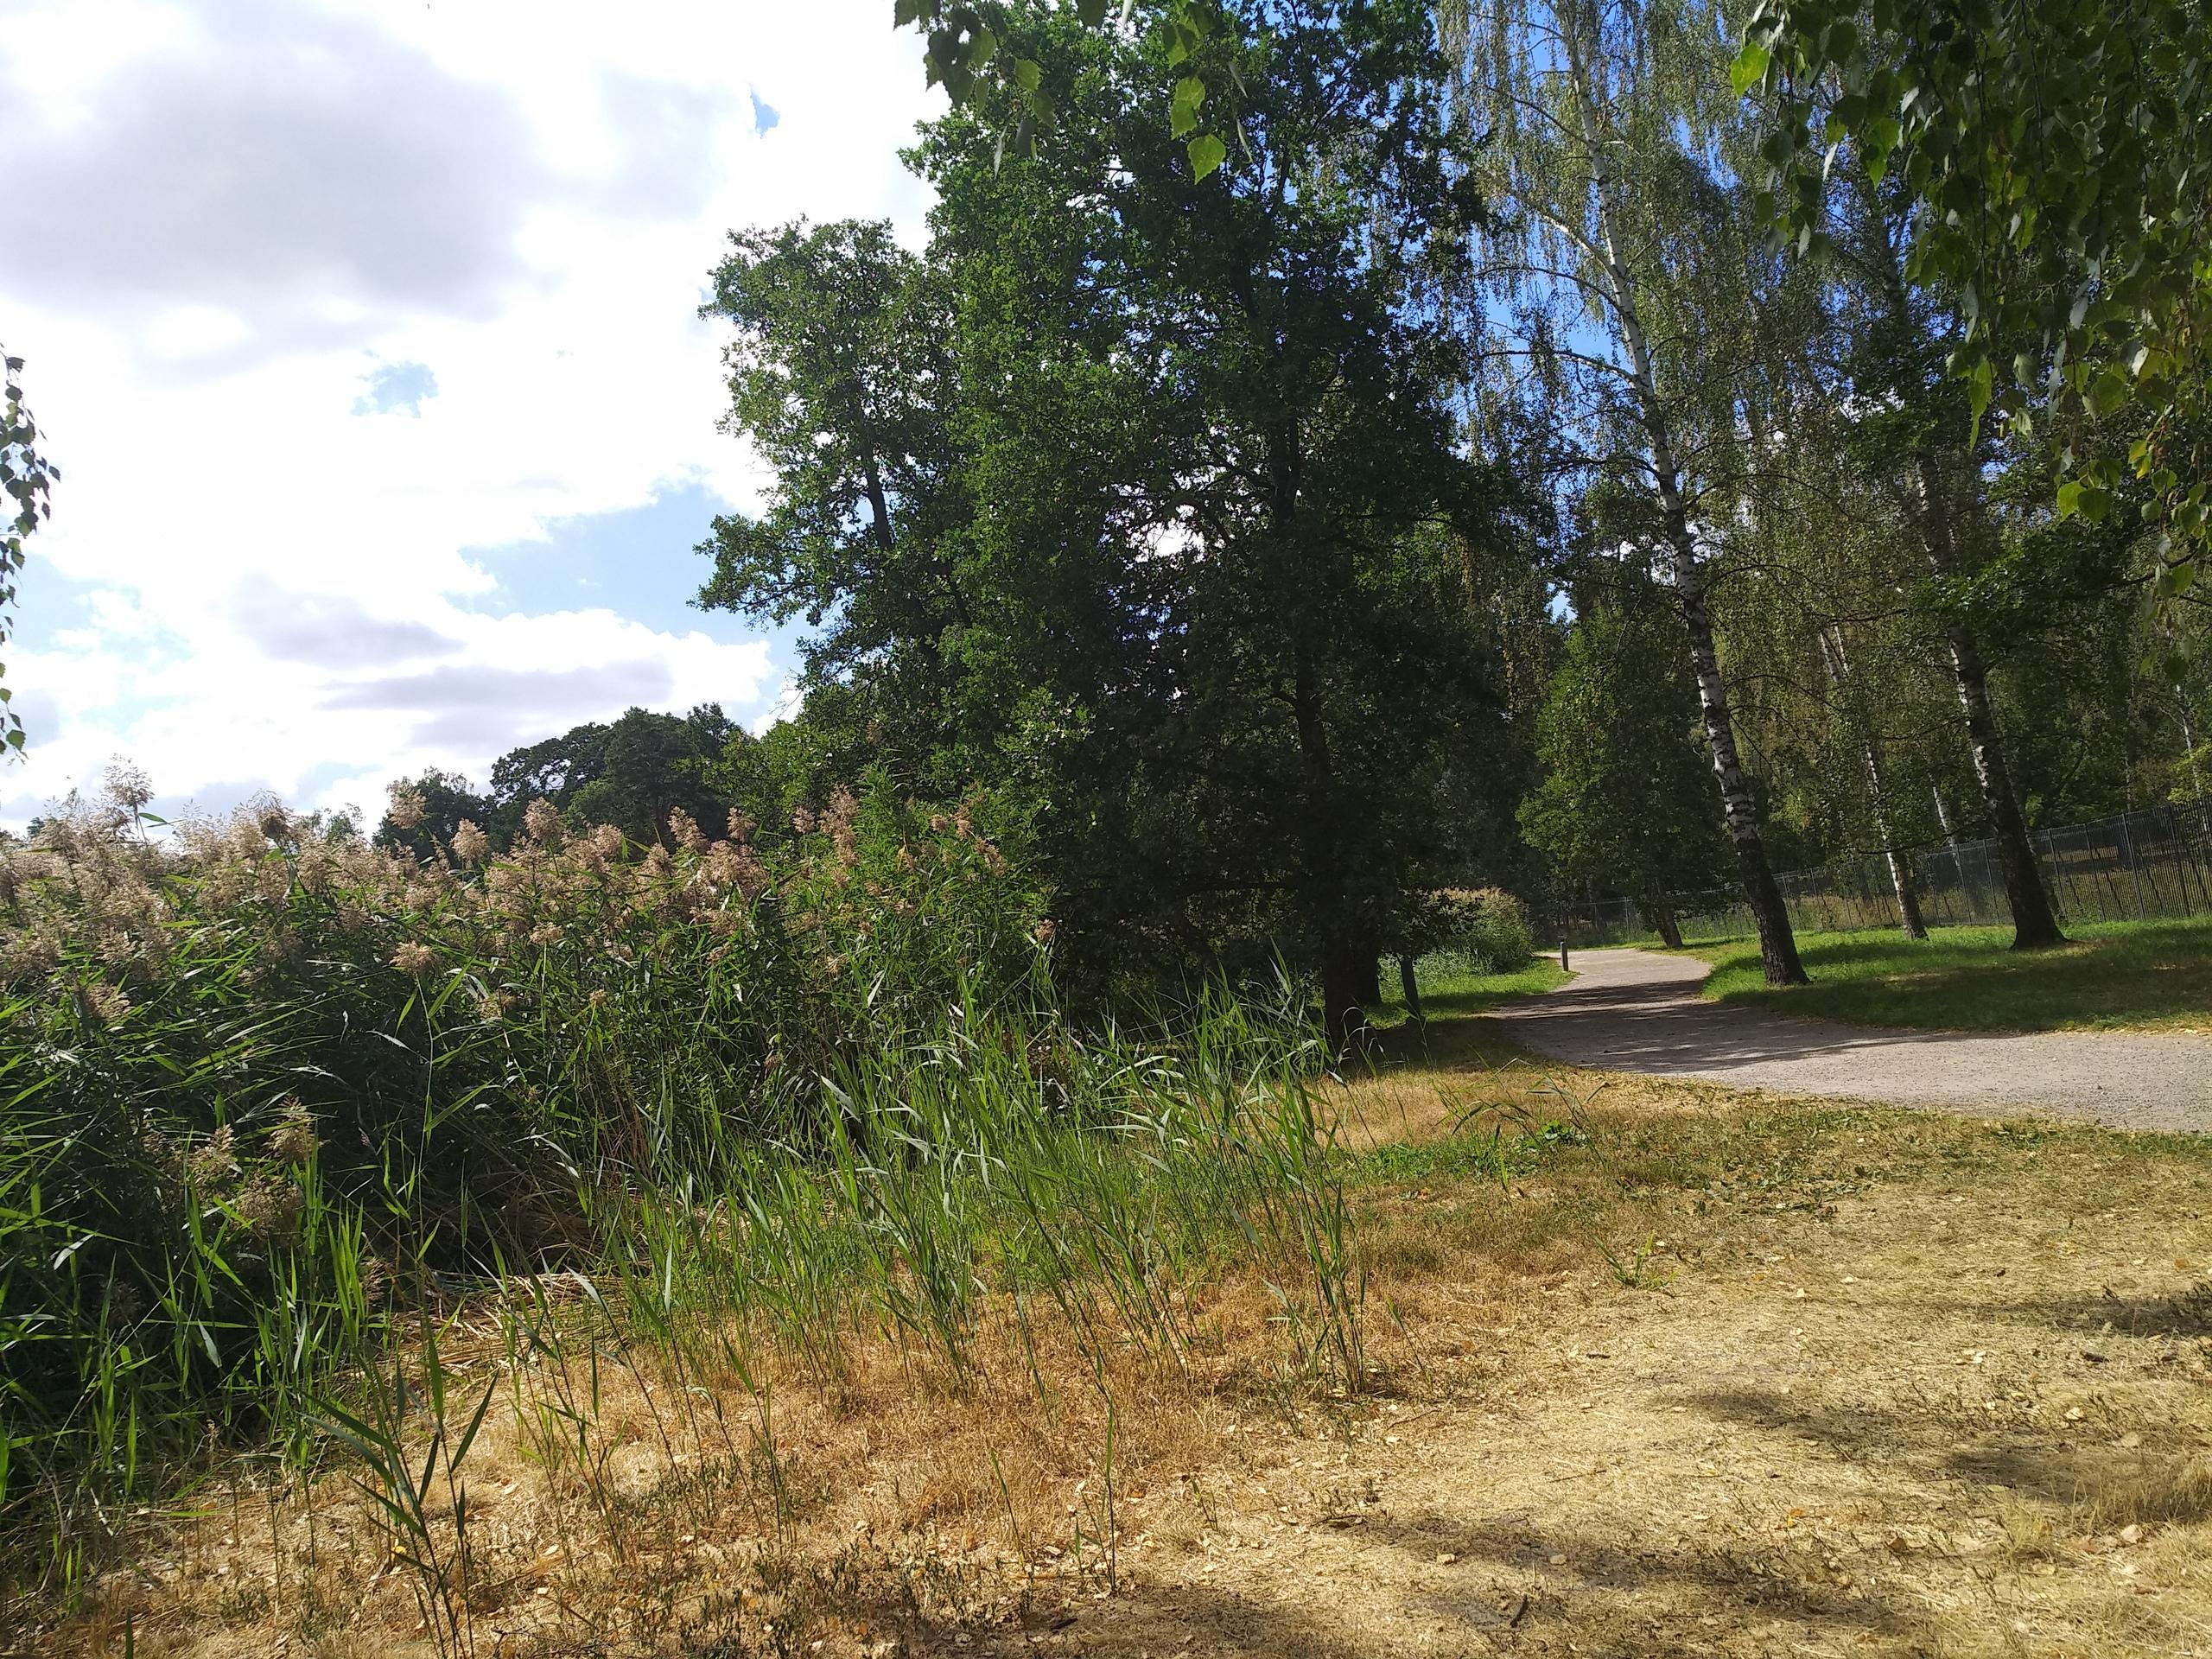 Хага парк: потому что нельзя быть на свете красивым таким... парка, минут, Здания, некоторые, больше, Депре, отсюда, также, короля, только, Здесь, густой, здесь, здания, Густава, очень, шатров, время, Королевский, добраться